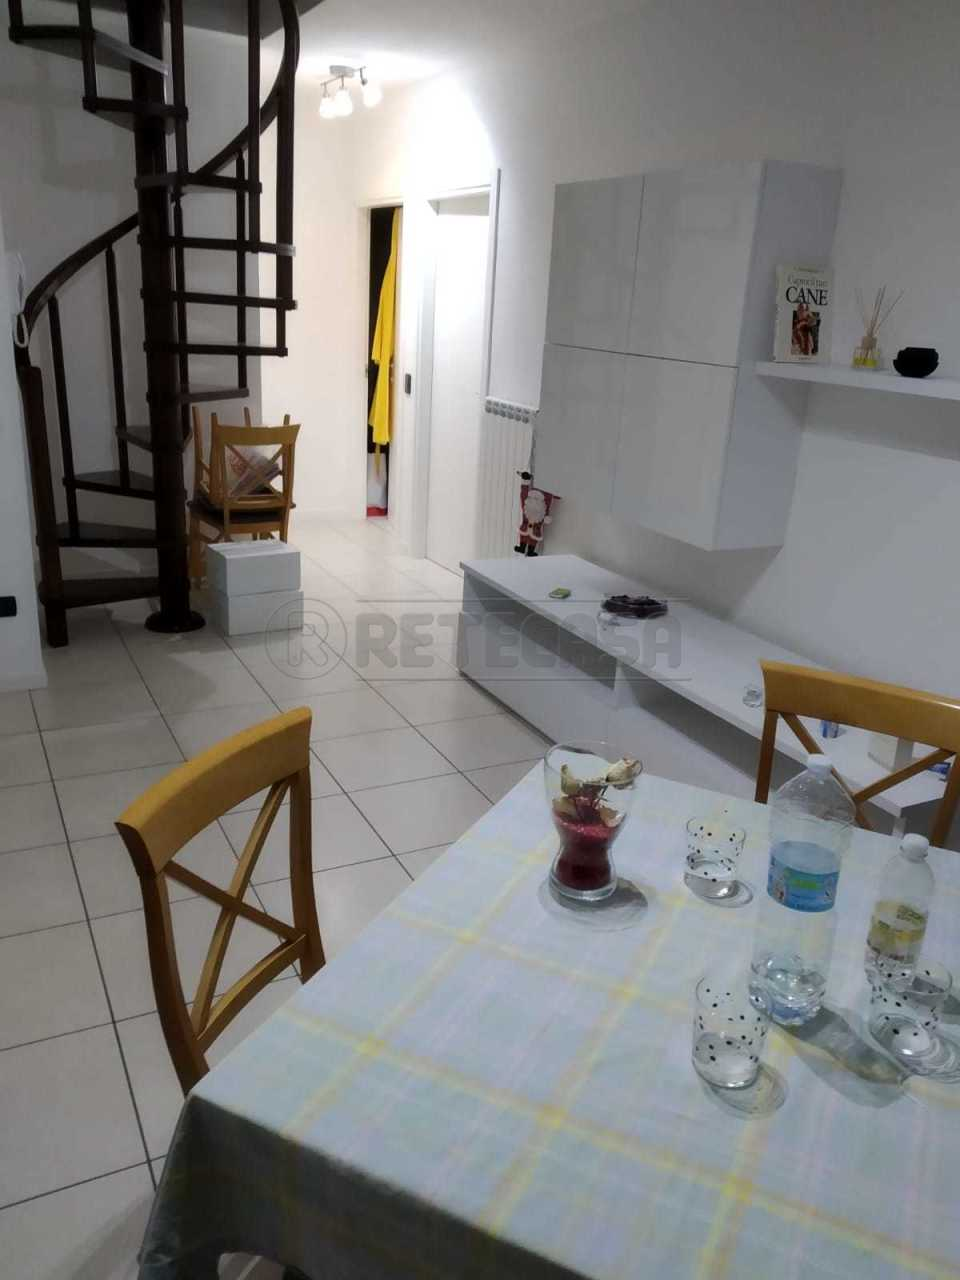 Appartamento in vendita Rif. 4129466